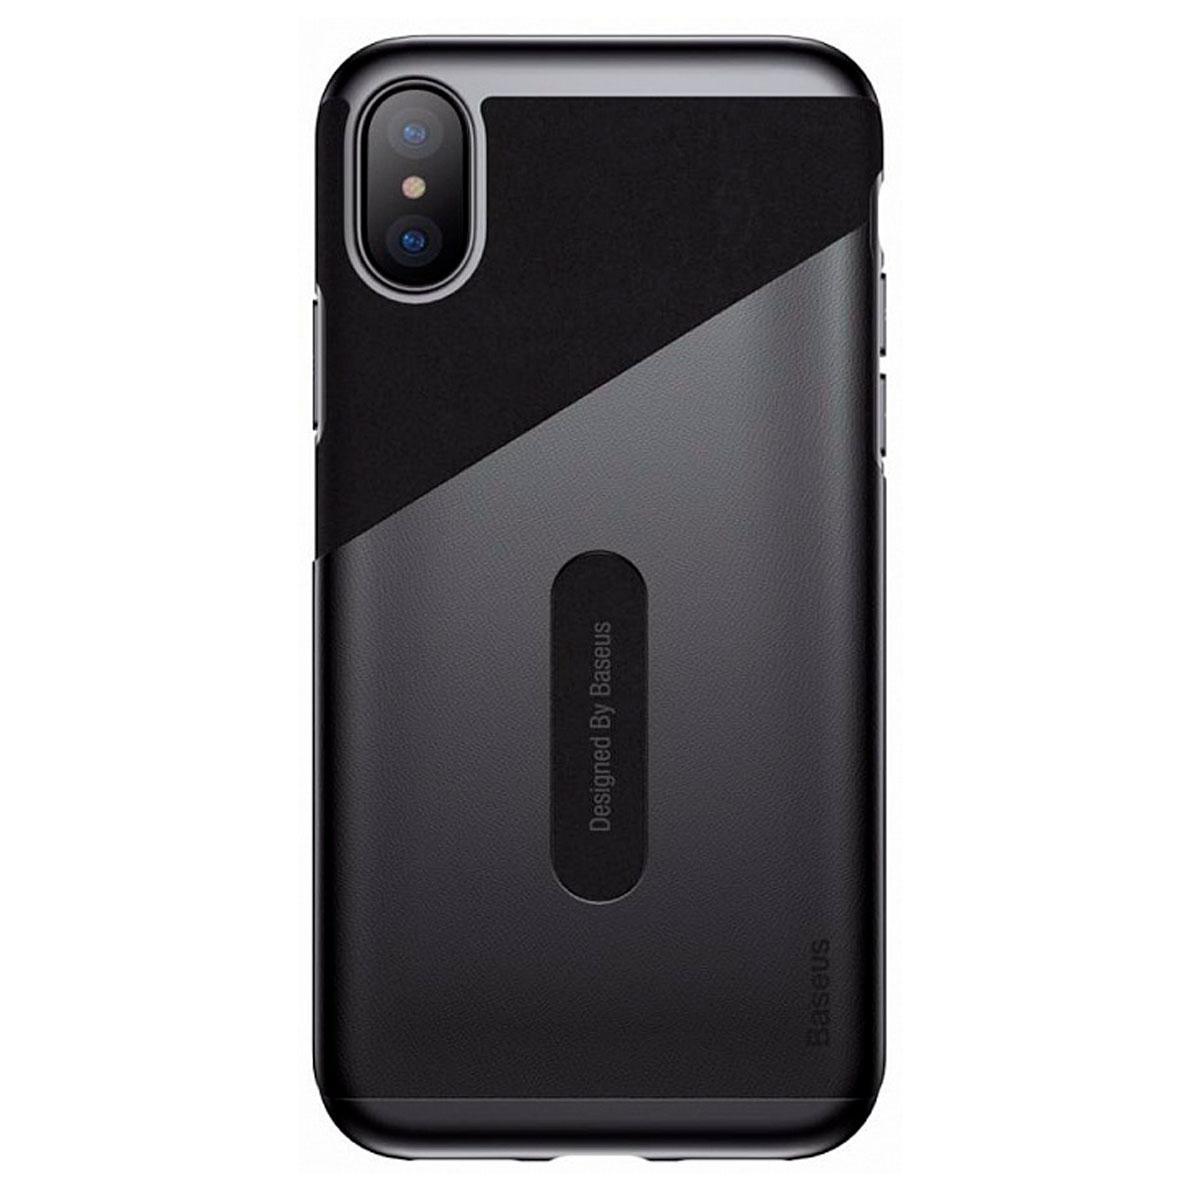 Силиконовый чехол Baseus Card Pocket на iPhone X Черный (WIAPIPHX-KA01)